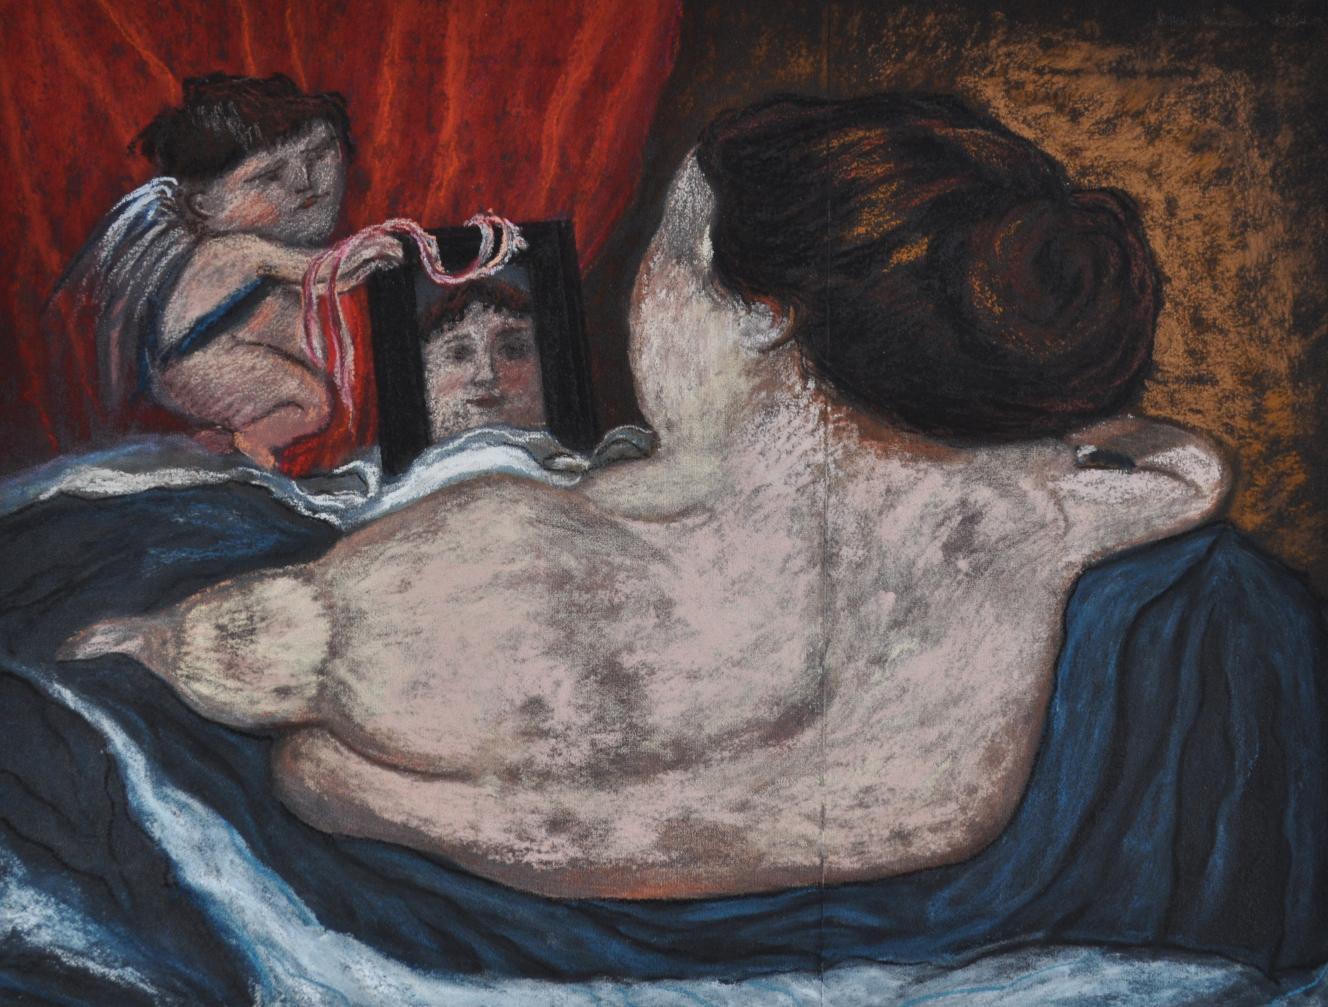 La Venus del espejo after Velázquez